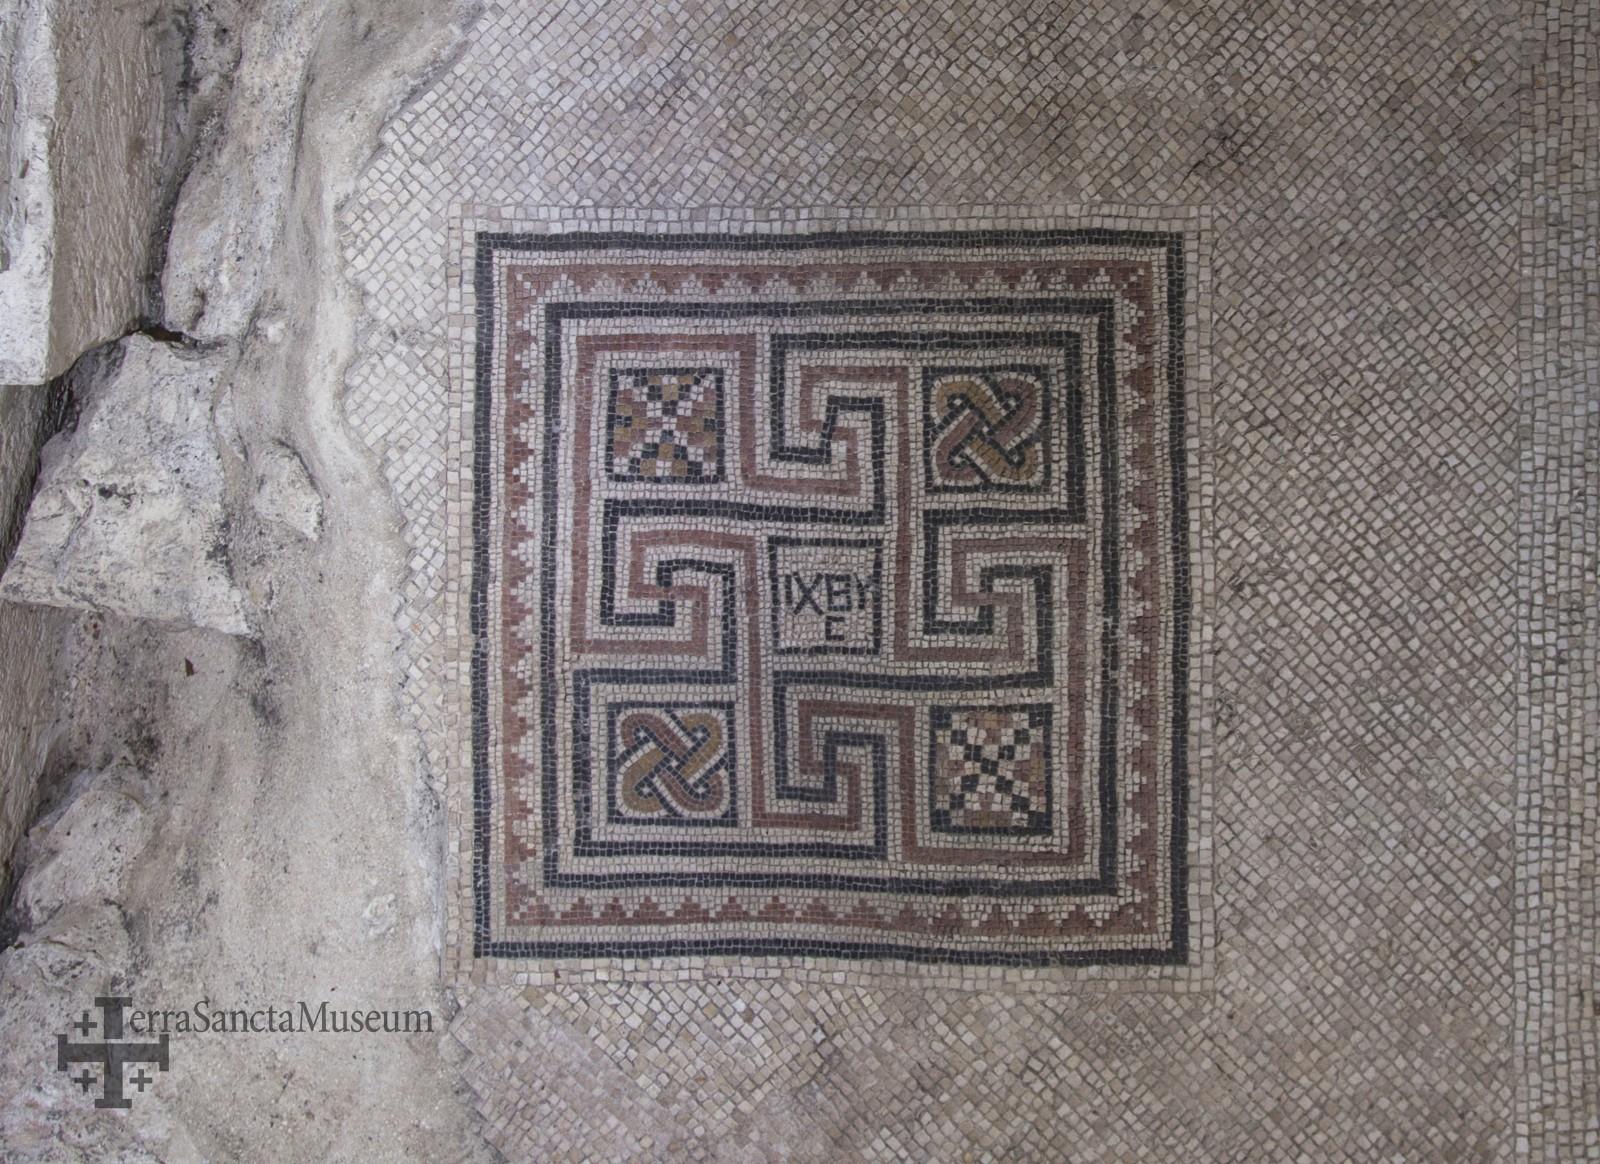 Mosaici costantiniani nella Basilica della Natività a Betlemme IV secolo